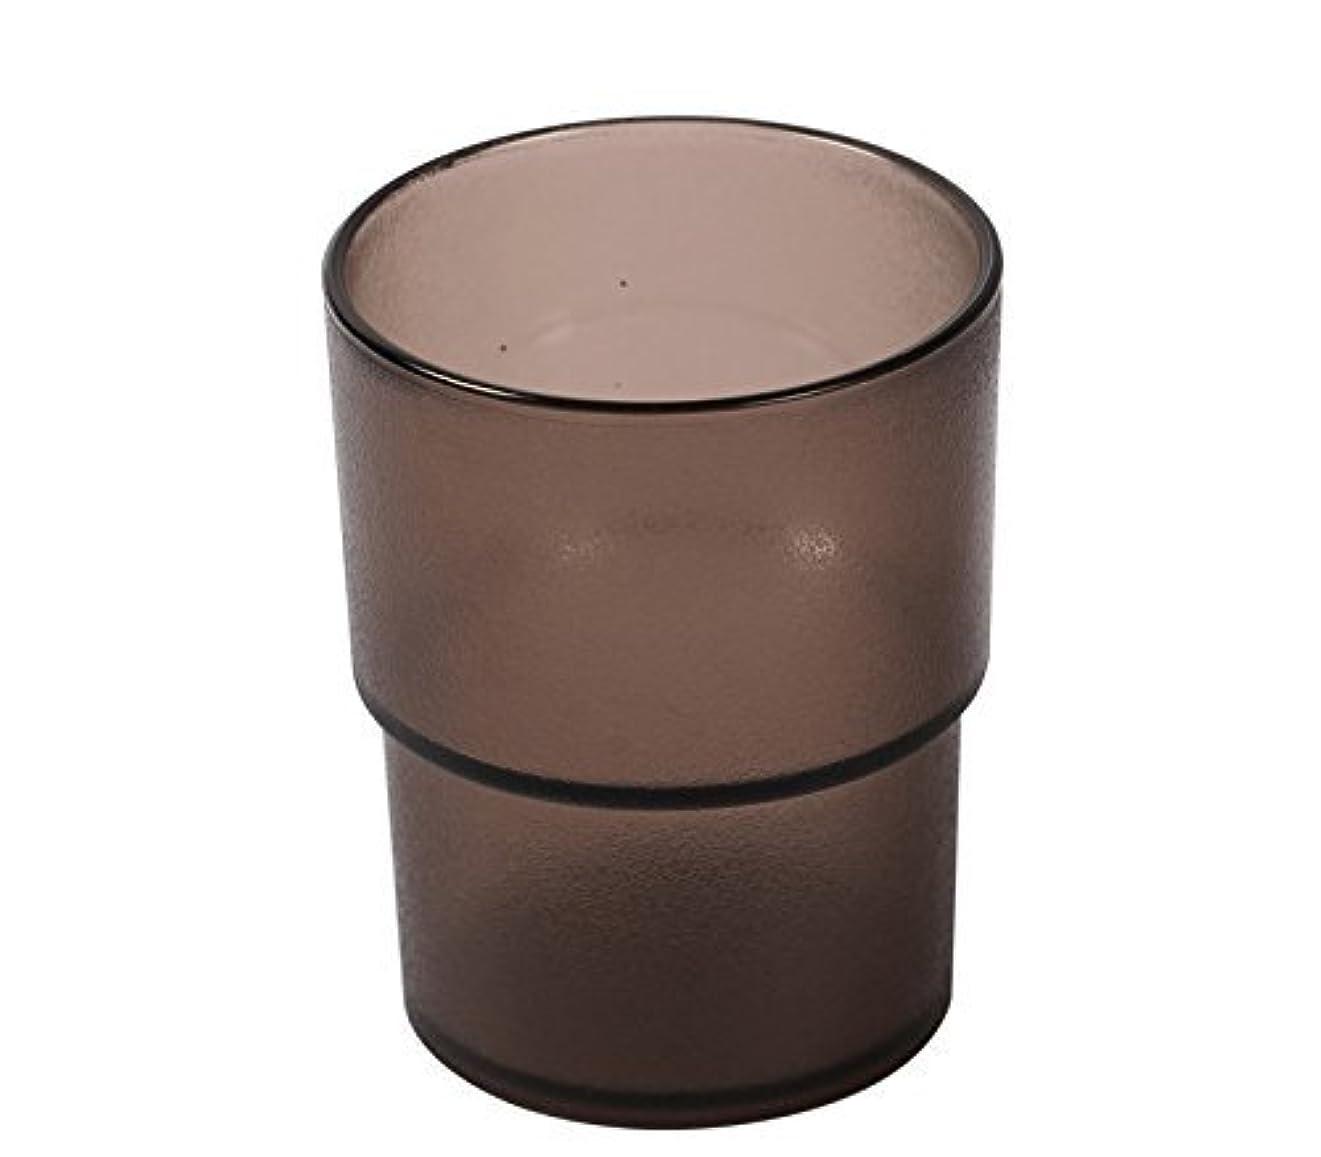 飲食店行政呼ぶタンブラー ブラウン色 60個セット(12個×5ケース) 業務用 コップ_FH70027NHB-12-5